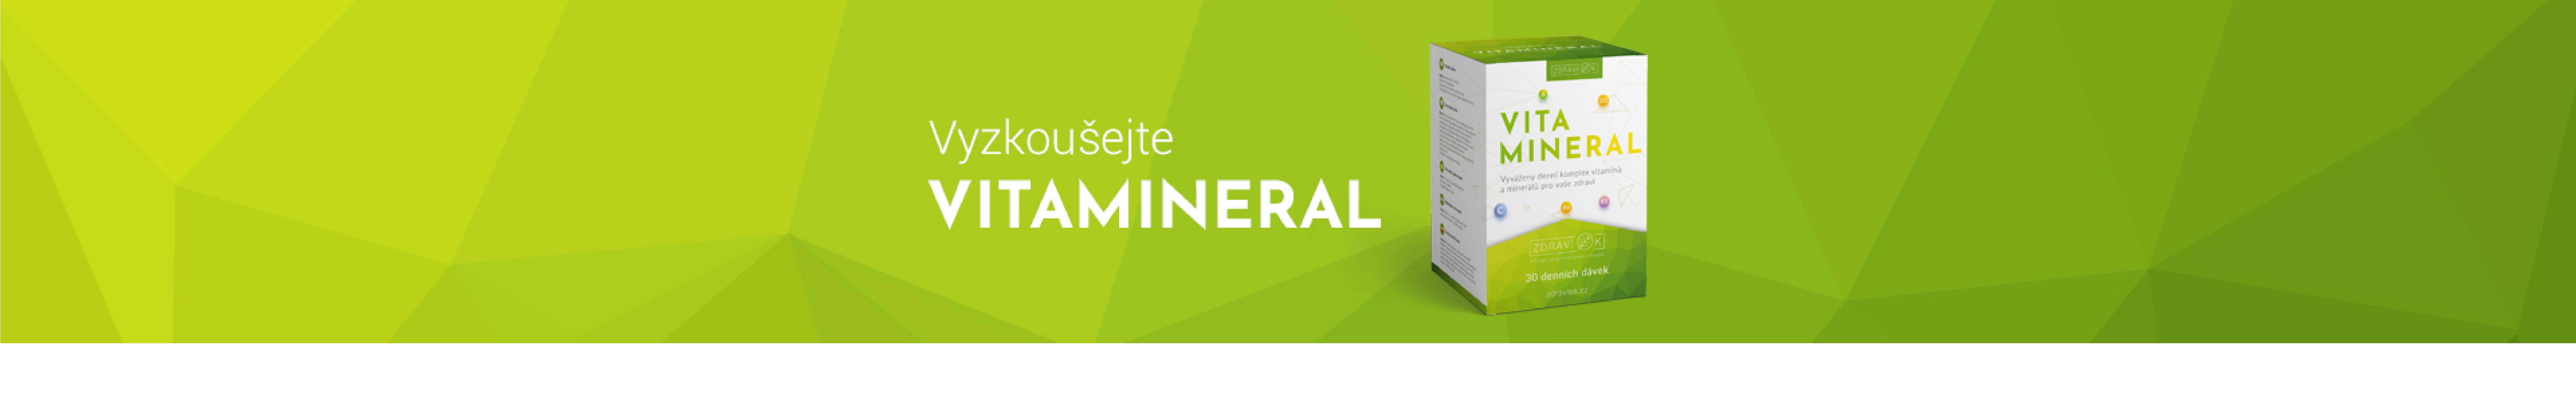 Vitamineral komplex